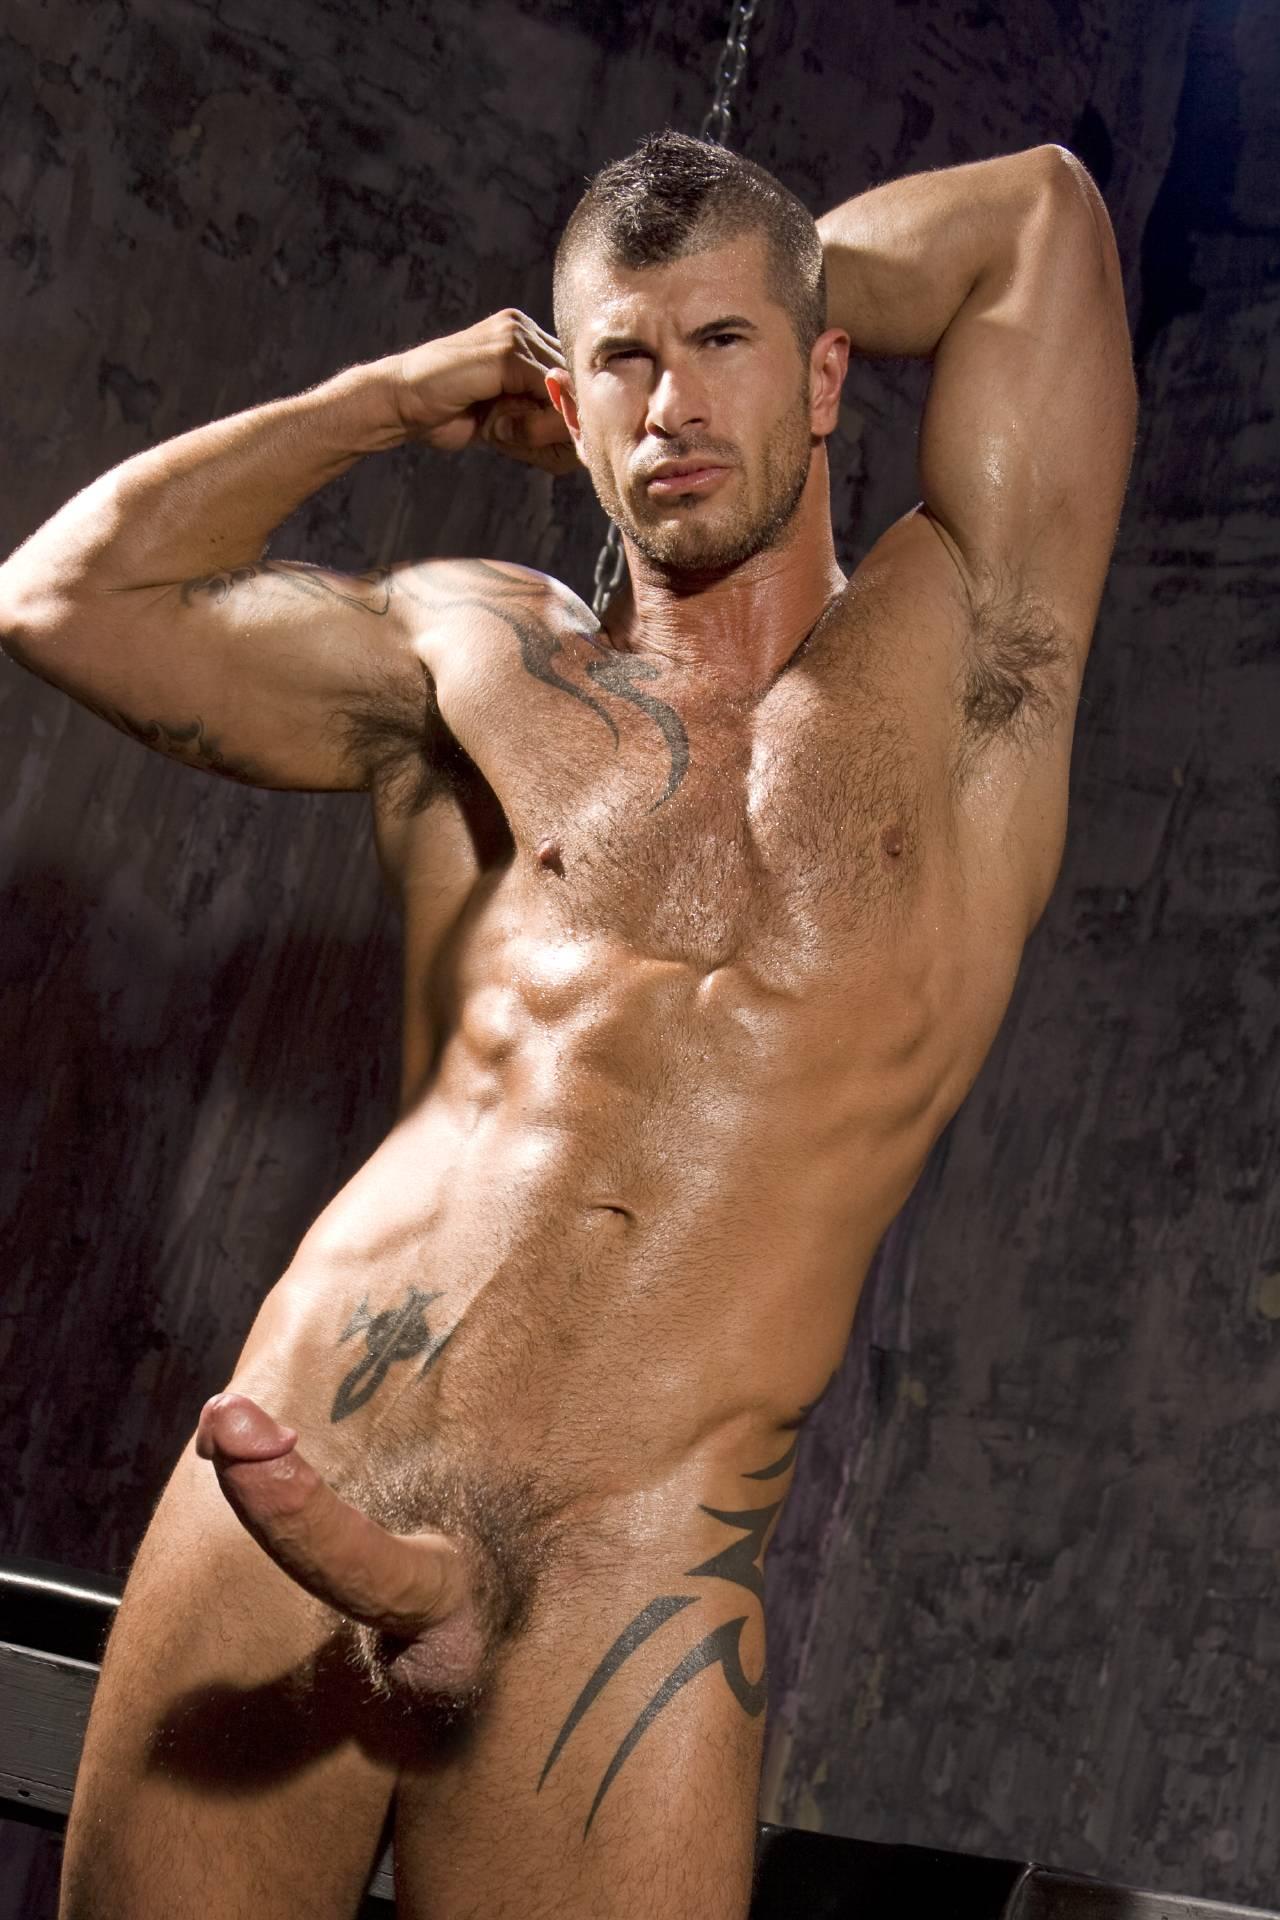 Фотографии голых мужчин порно